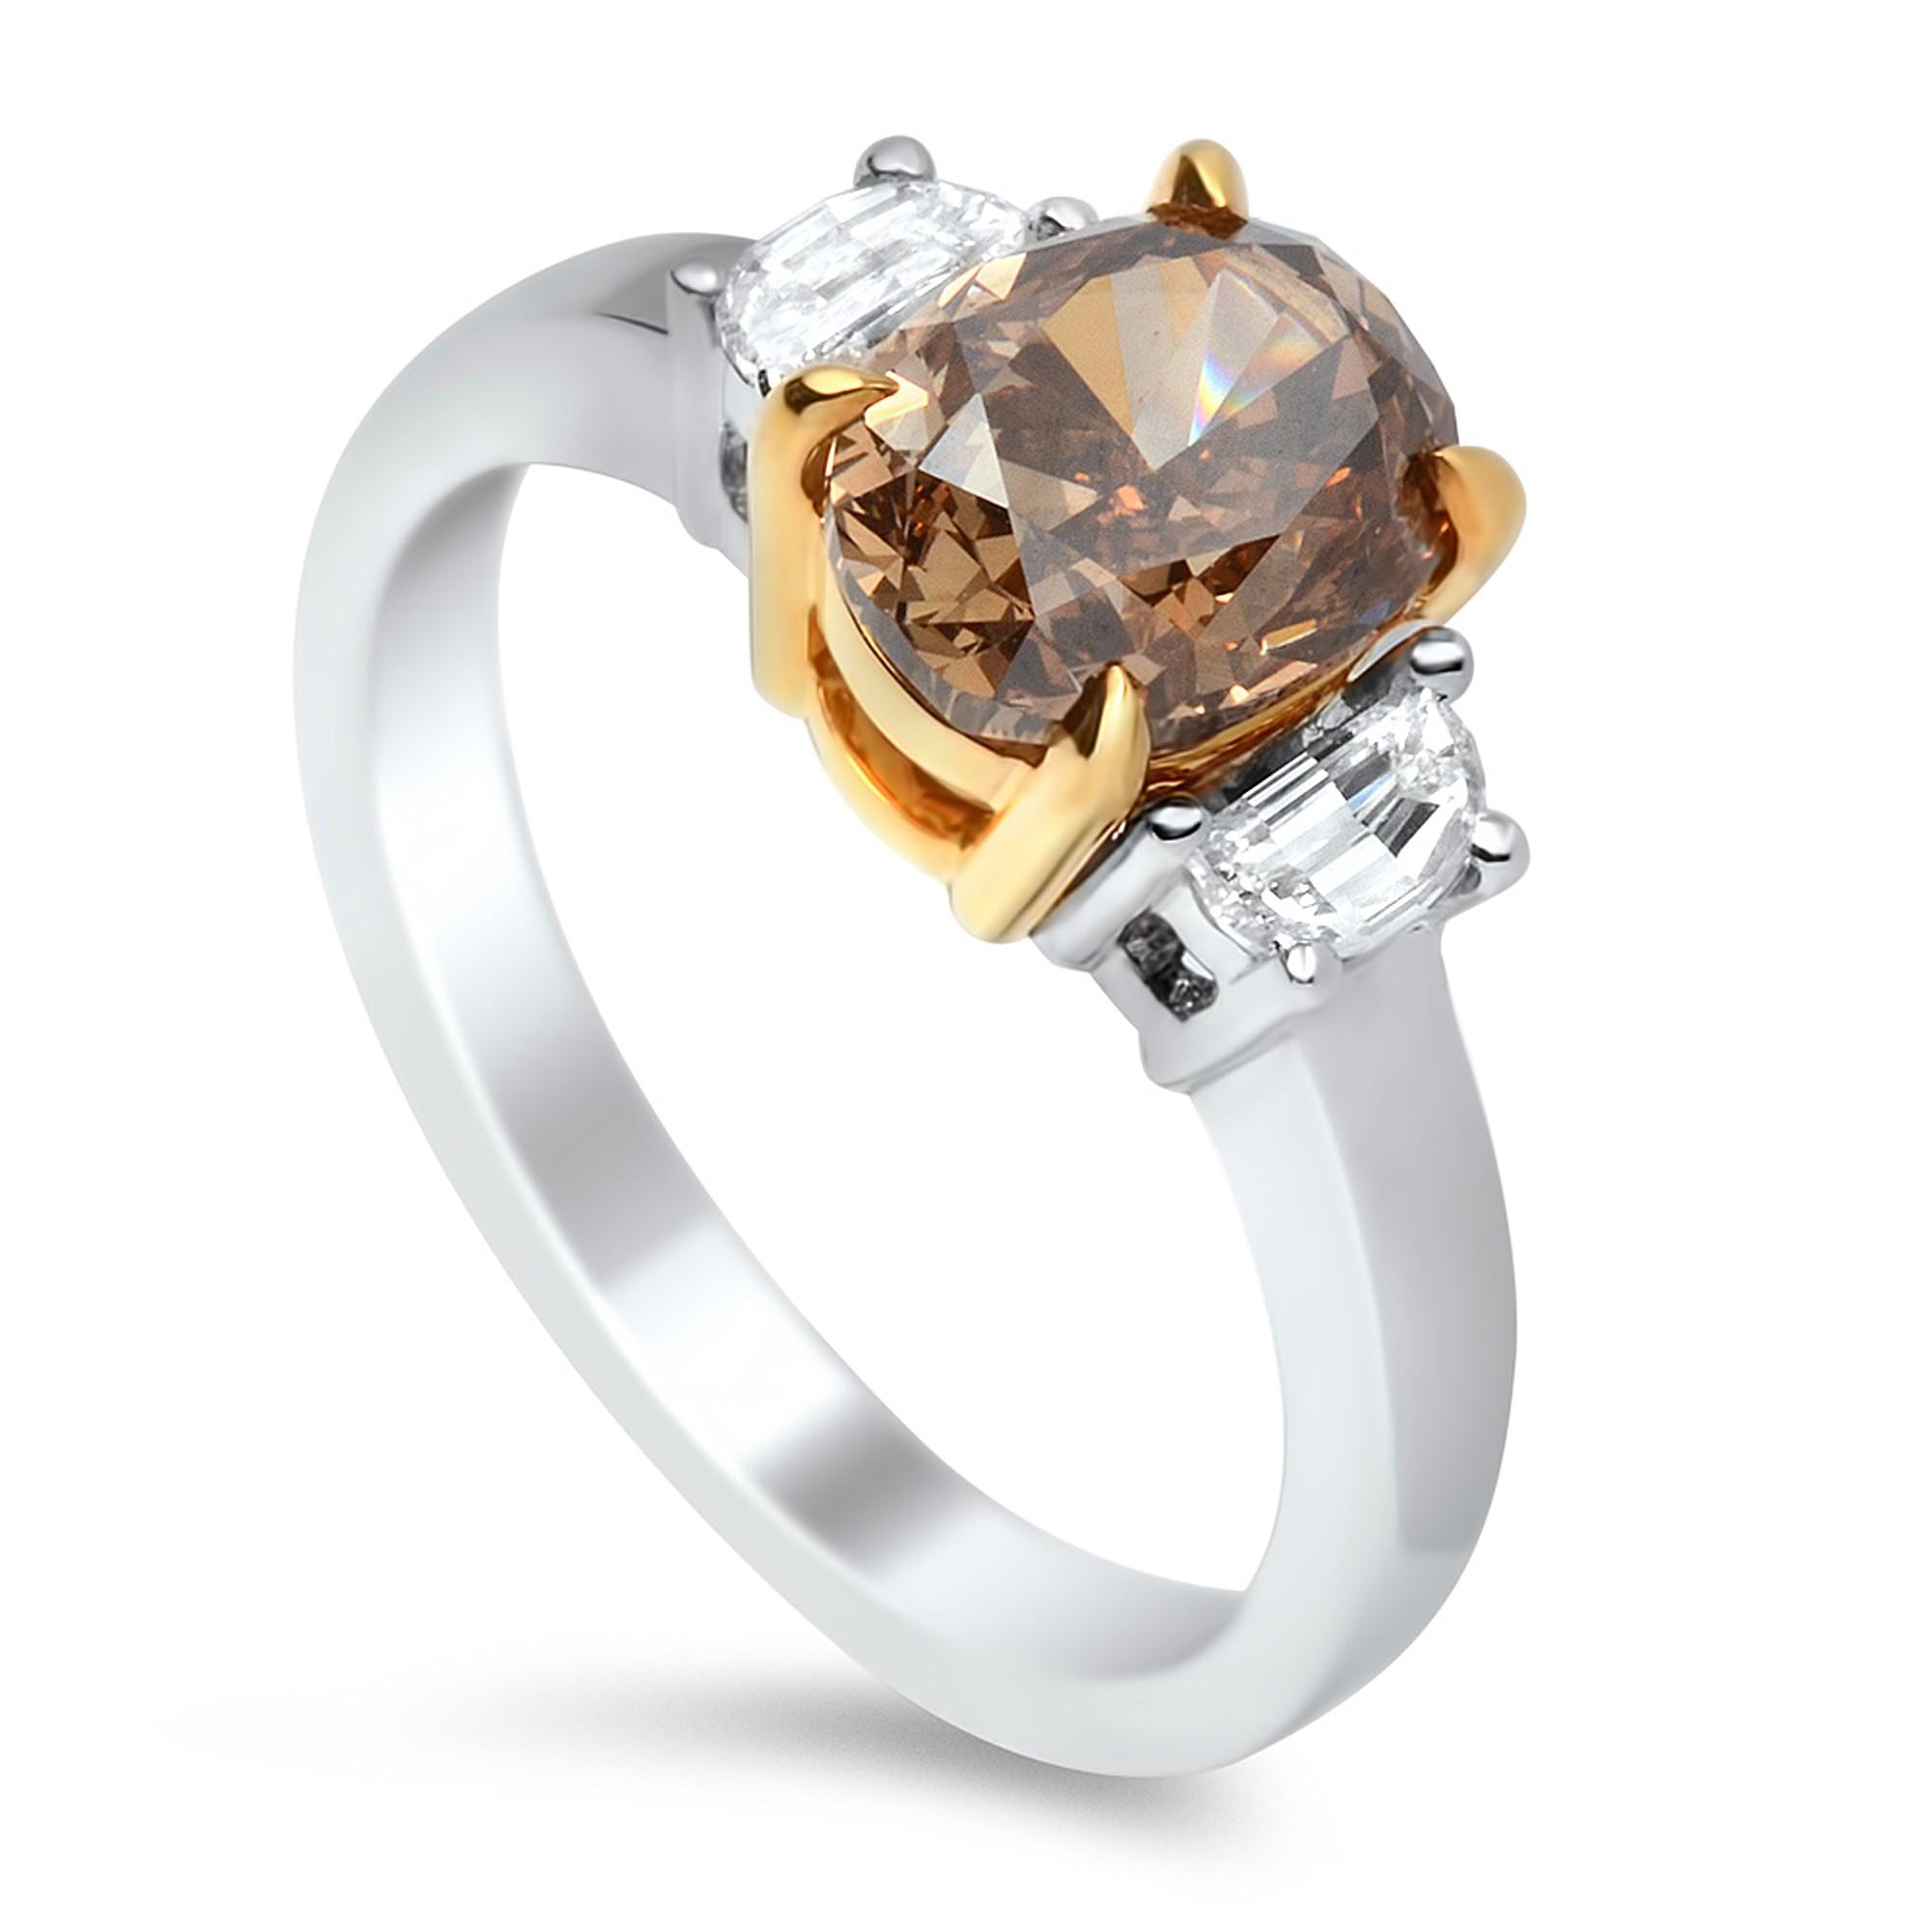 2 06 Carat Fancy Dark Orangey Brown VS2 Oval Diamond Ring in 18K